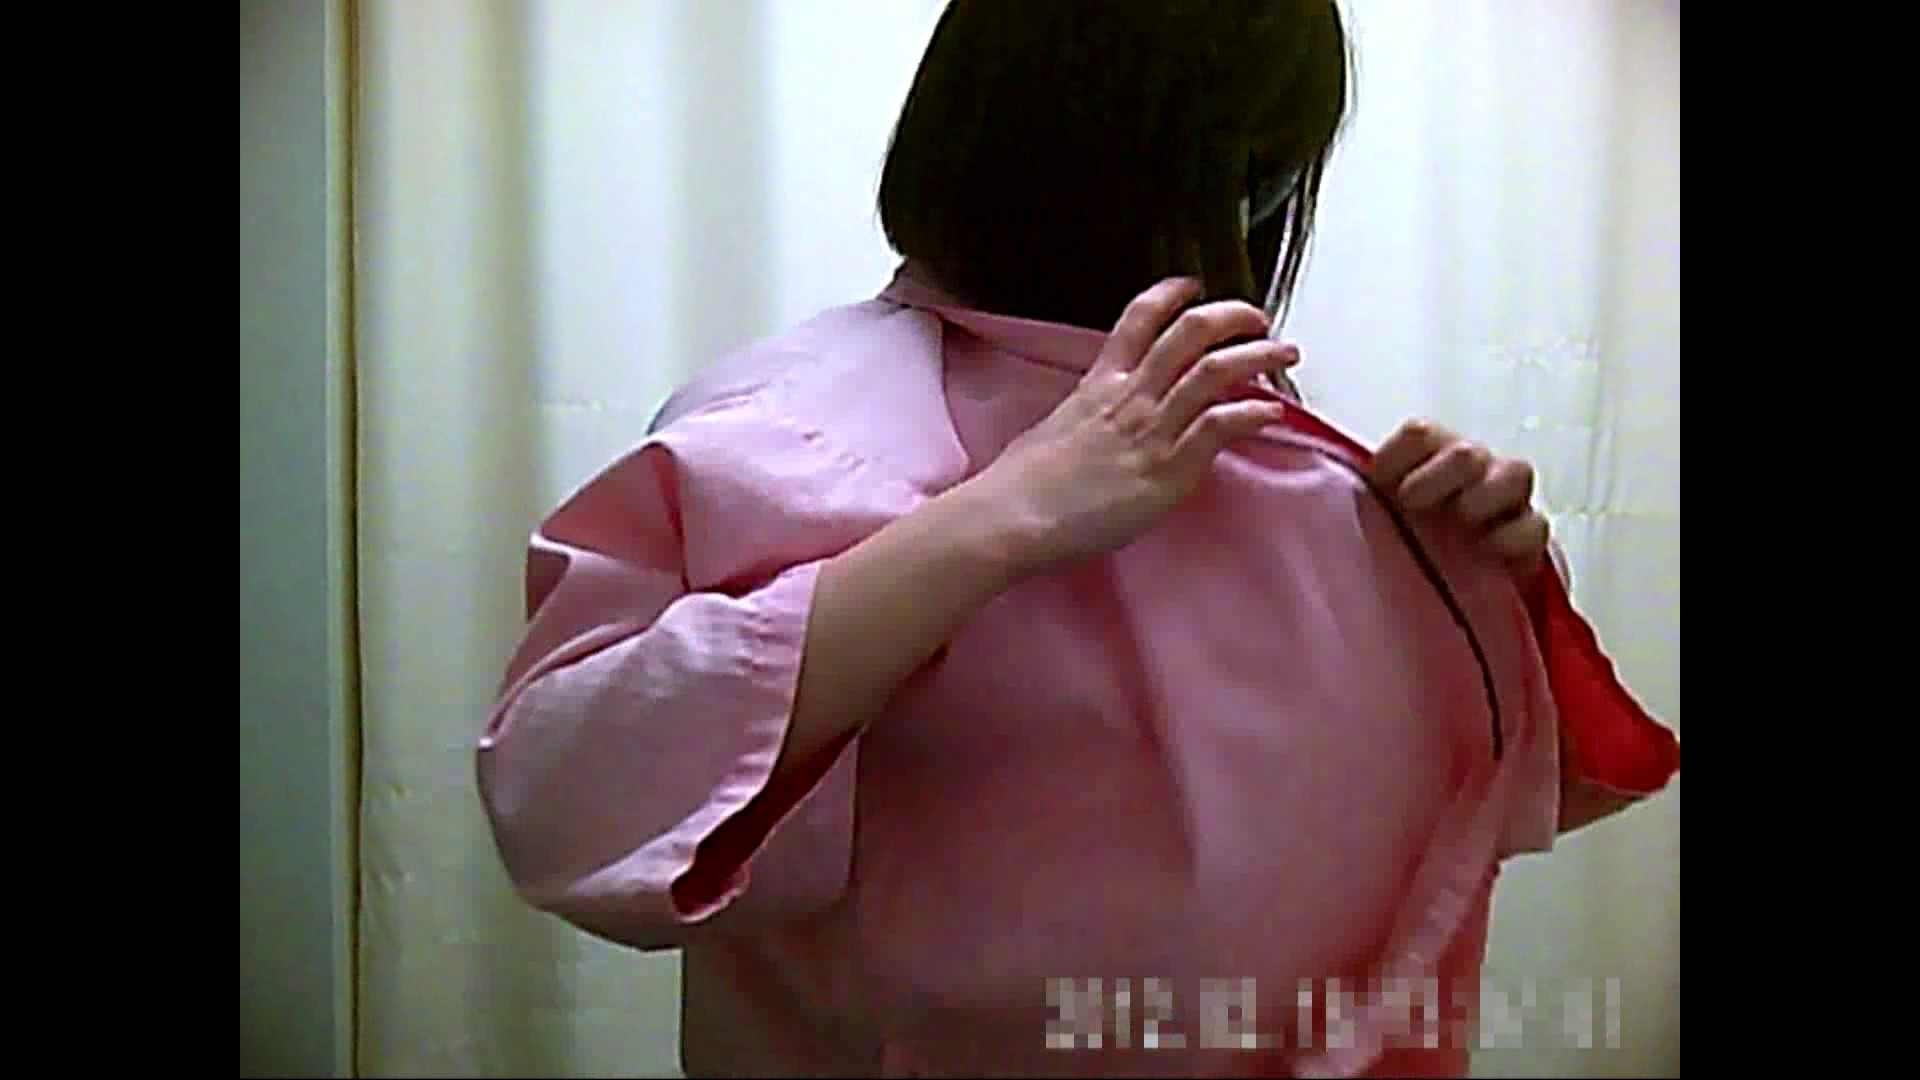 元医者による反抗 更衣室地獄絵巻 vol.037 OL   0  51連発 13